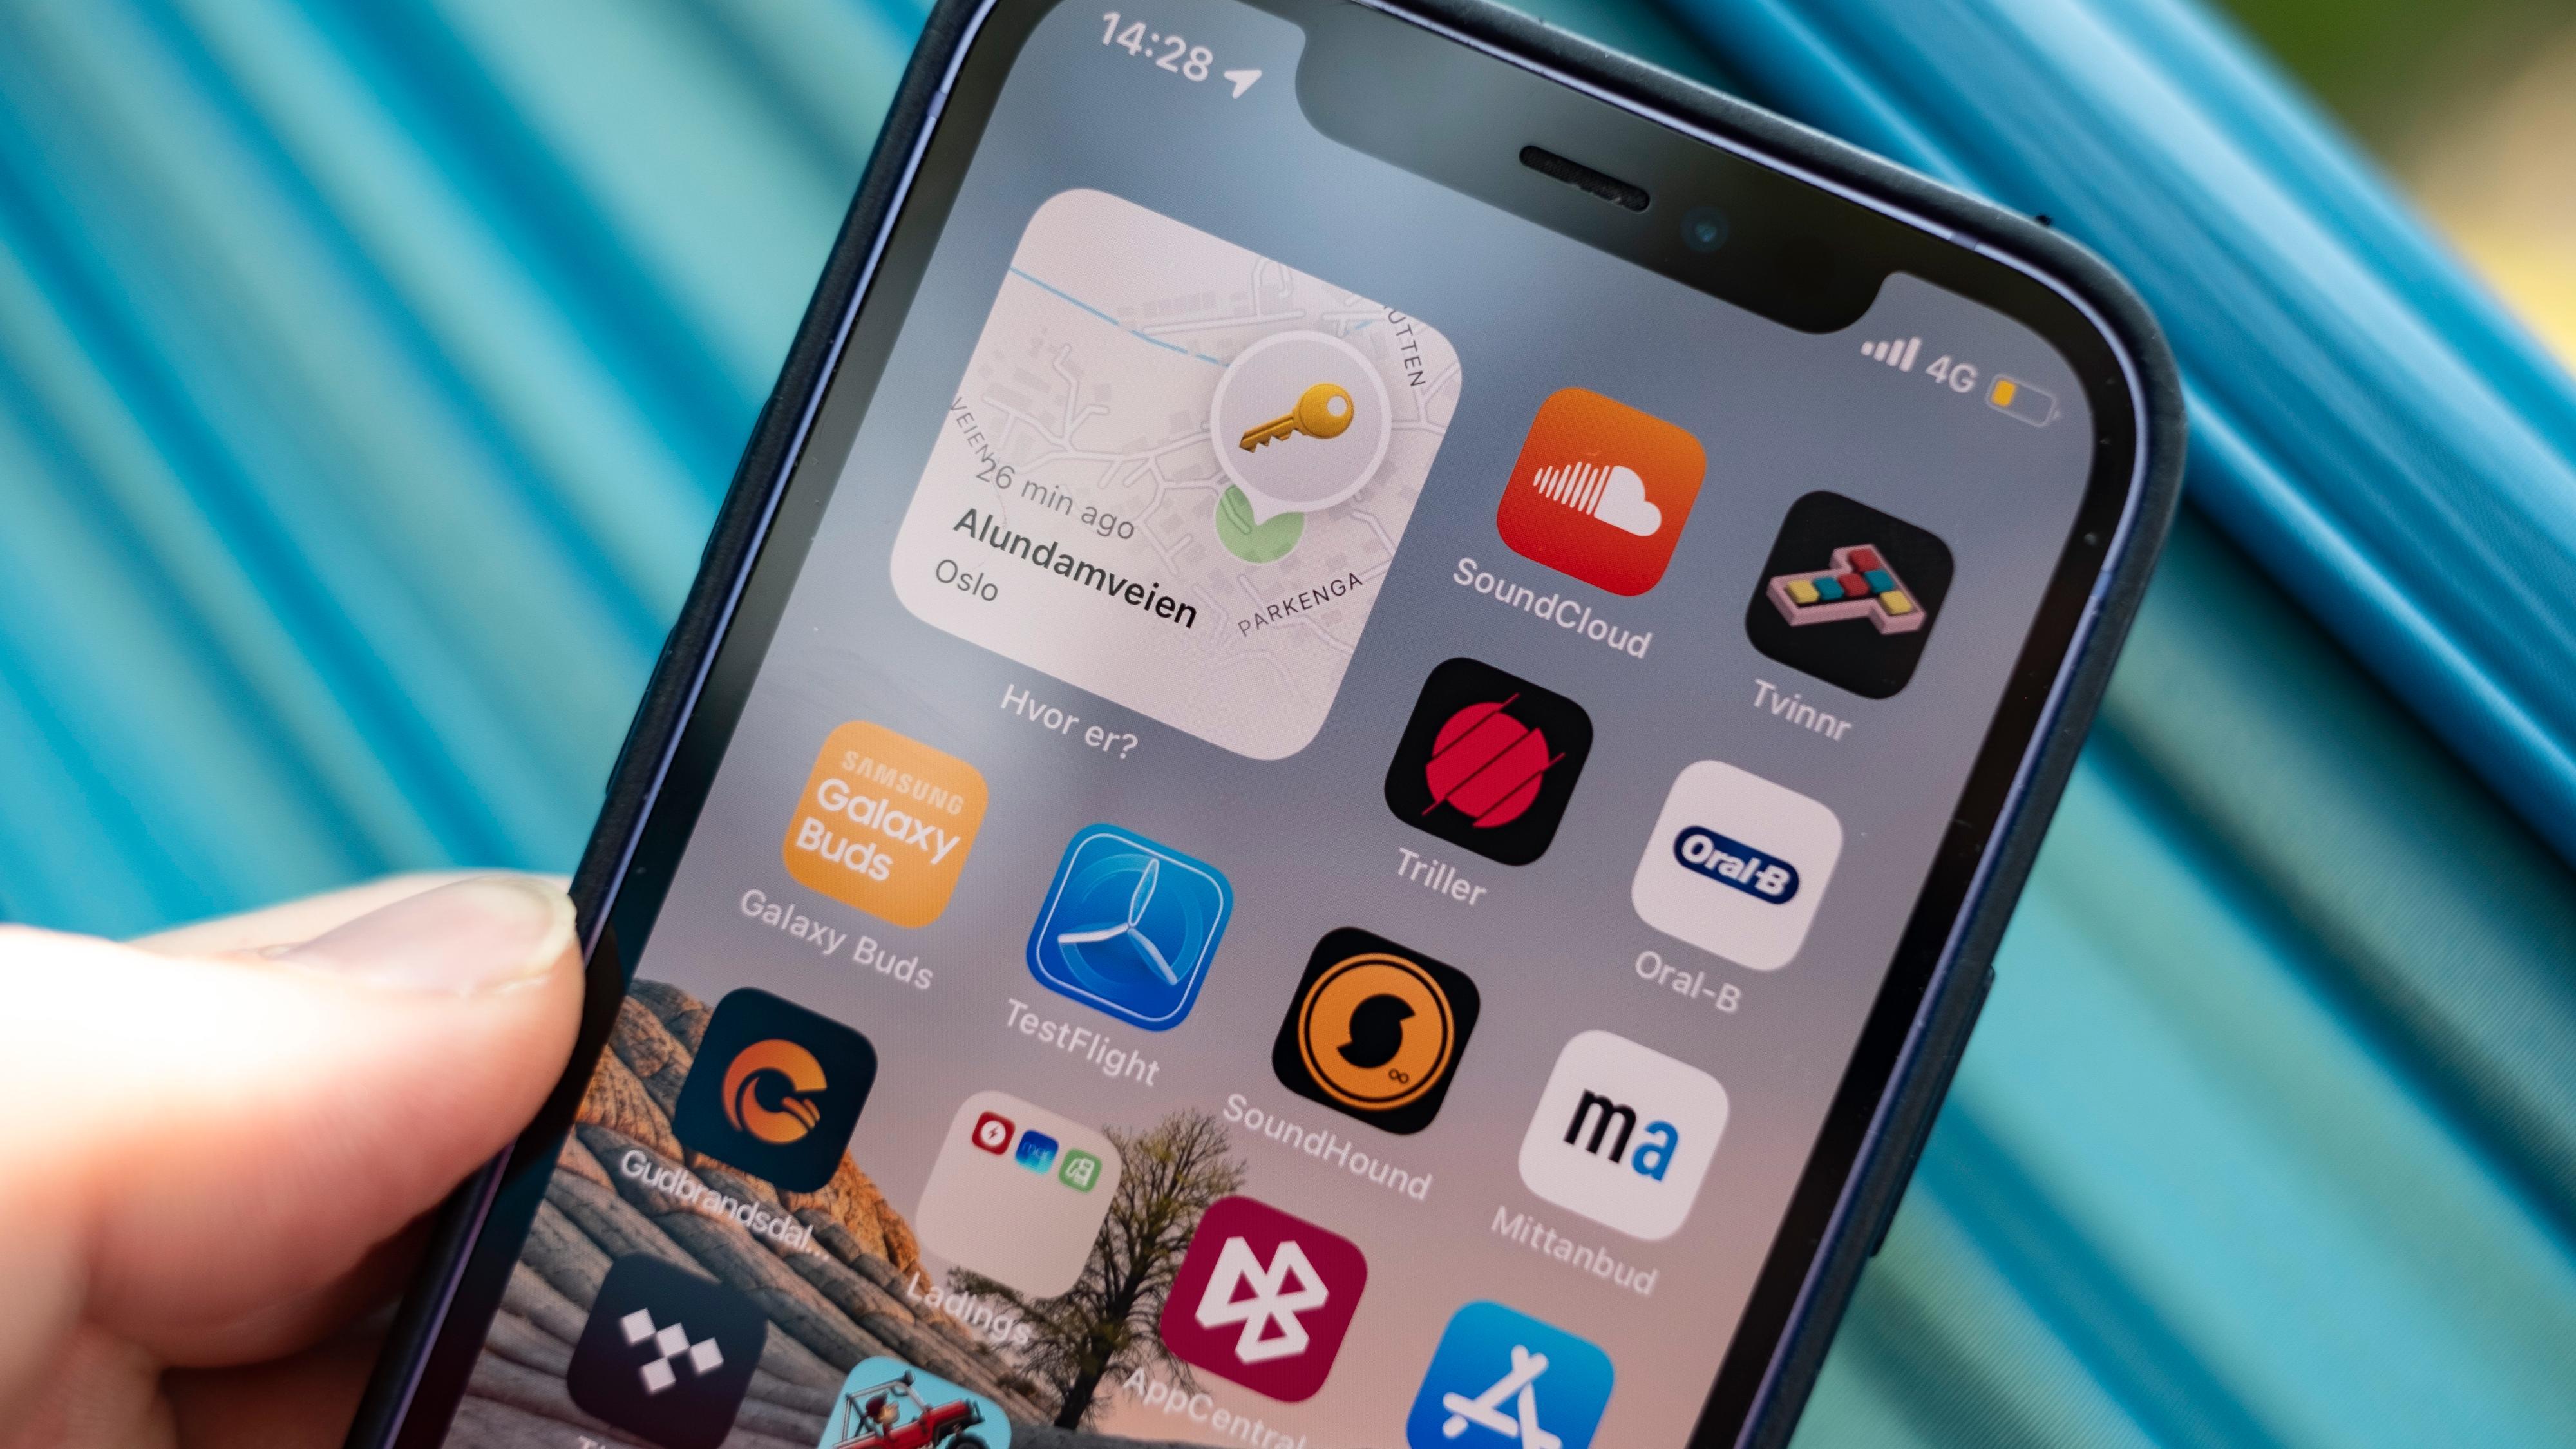 iOS 15 får en rekke nyheter, blant annet nye widgeter, nye Facetime-funksjoner og en nyoverhalt nettleser.